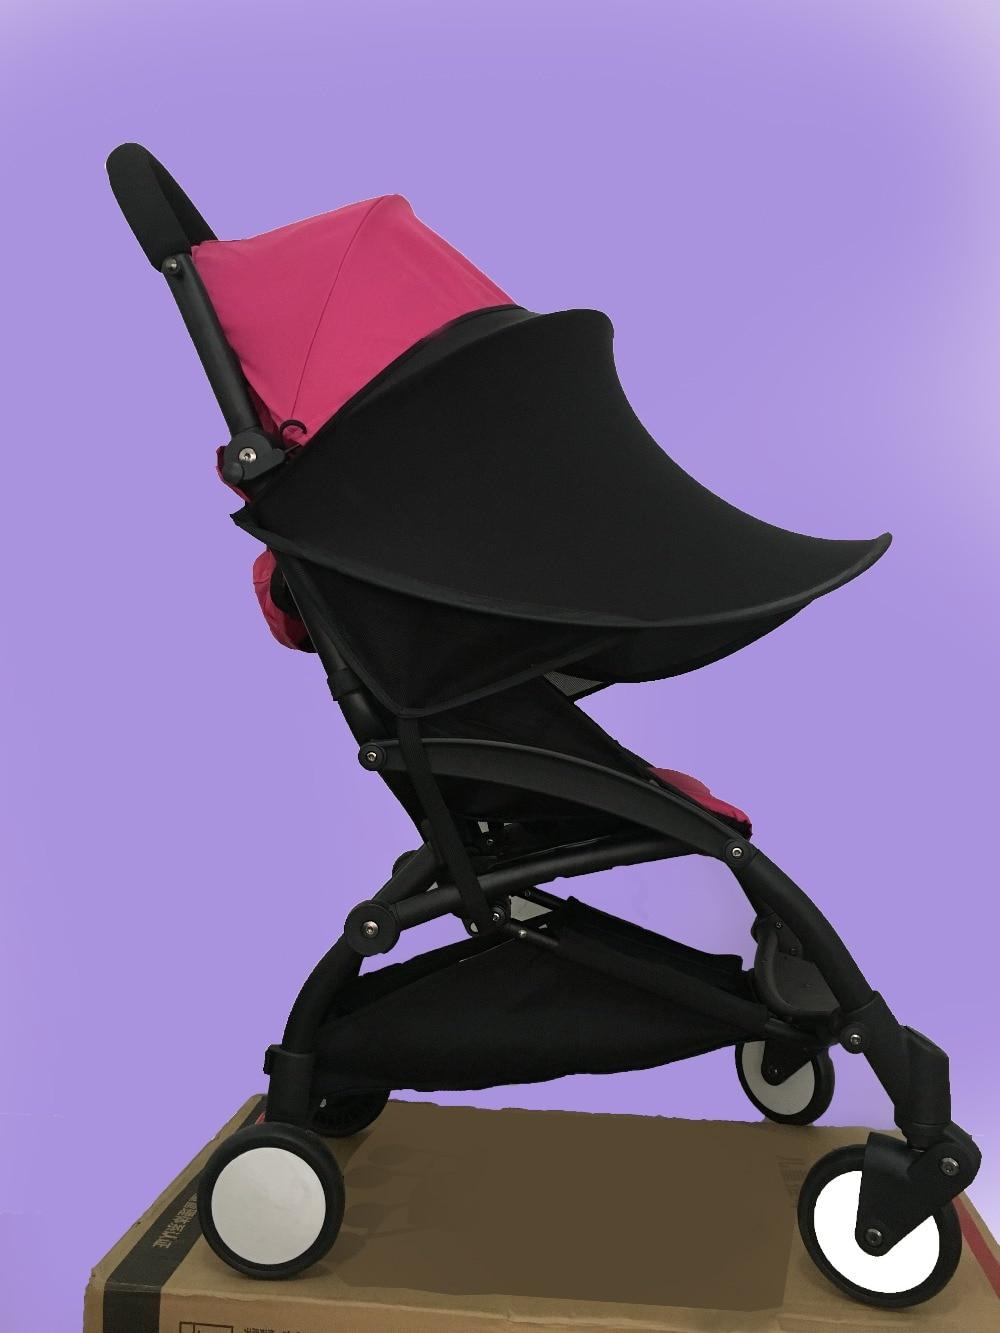 Τραπέζι καροτσάκι μωρού καροτσάκι - Παιδική δραστηριότητα και εξοπλισμός - Φωτογραφία 4